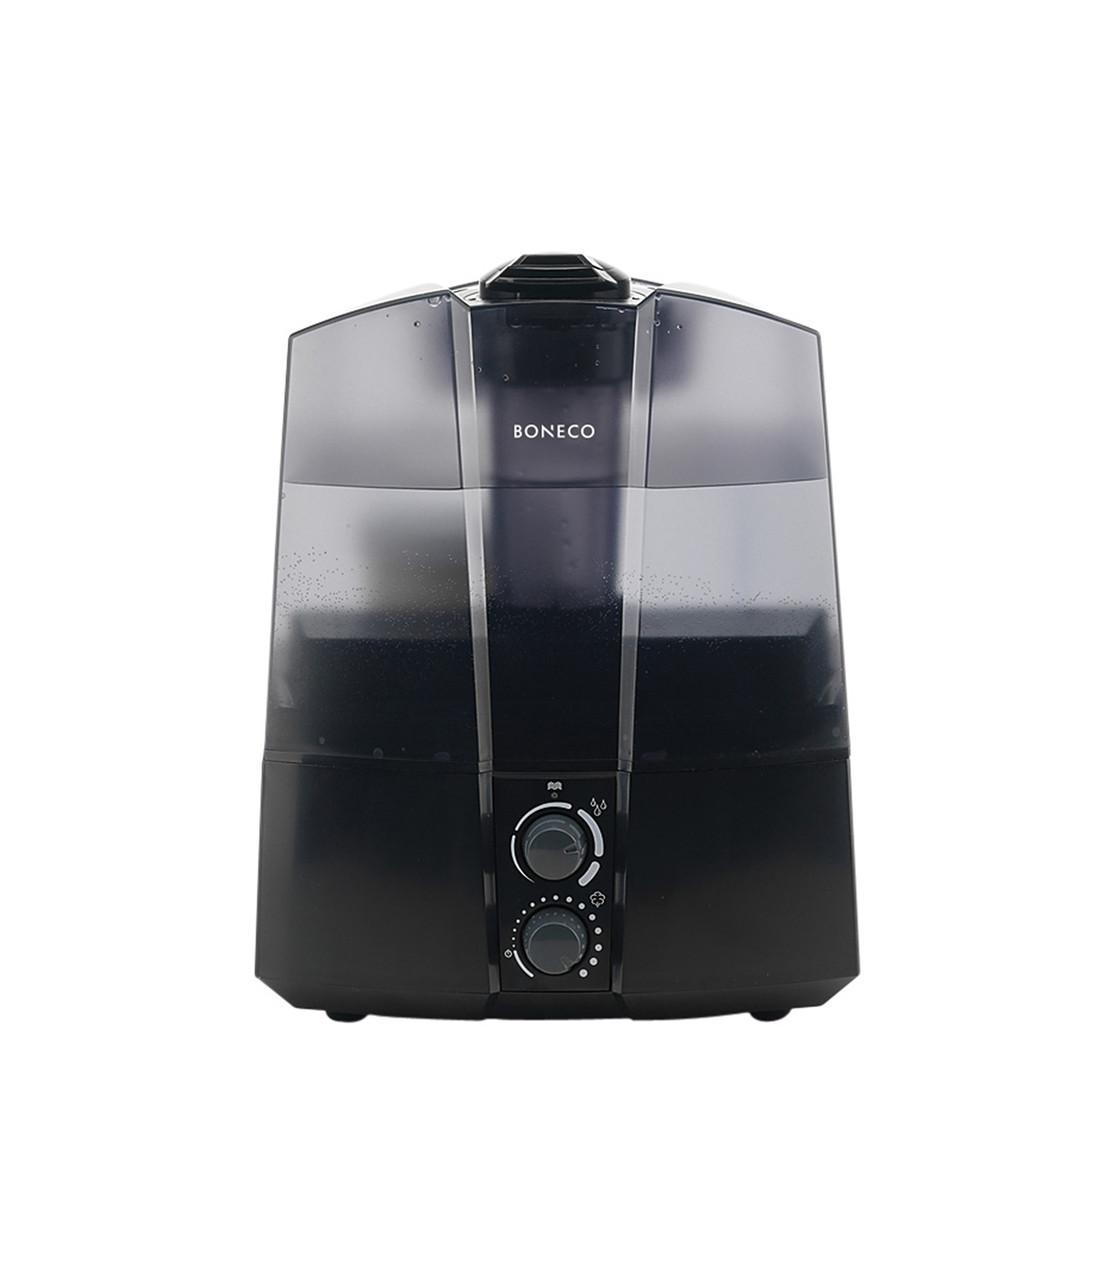 Ультразвуковой увлажнитель воздуха Boneco Air-O-Swiss AOS U7145 Black